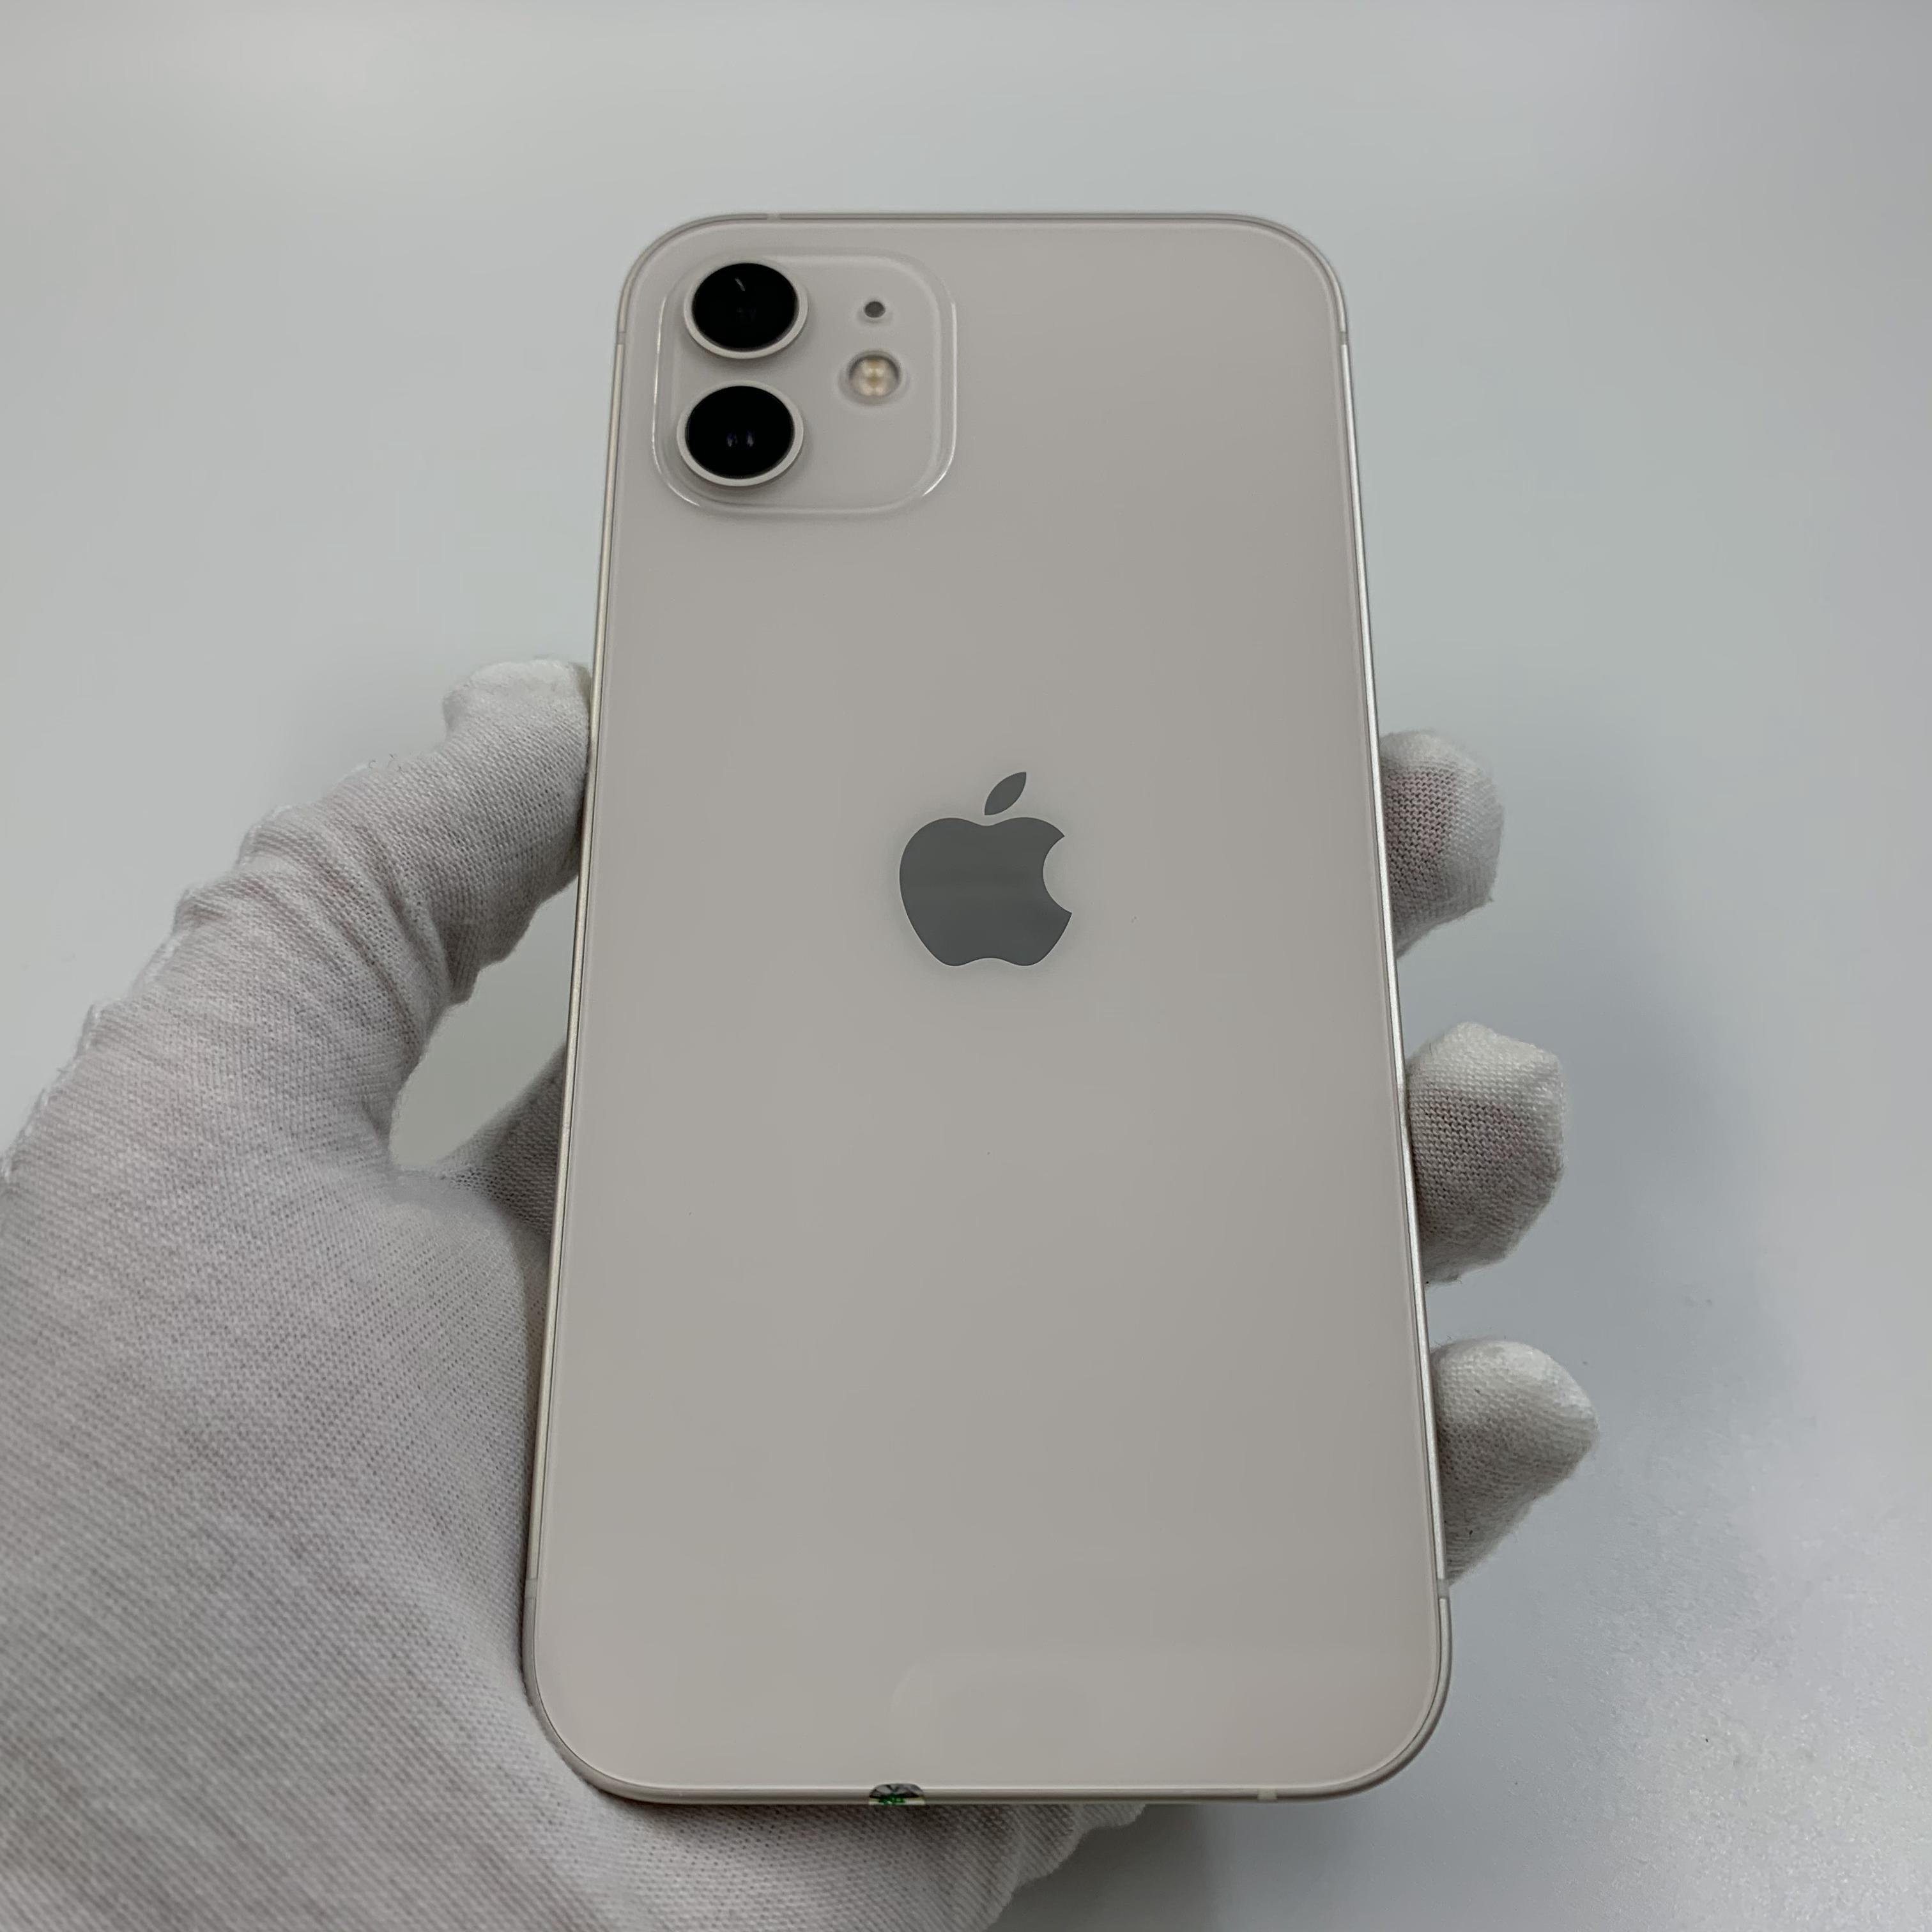 苹果【iPhone 12】5G全网通 白色 128G 国行 95新 真机实拍官保2021-11-01